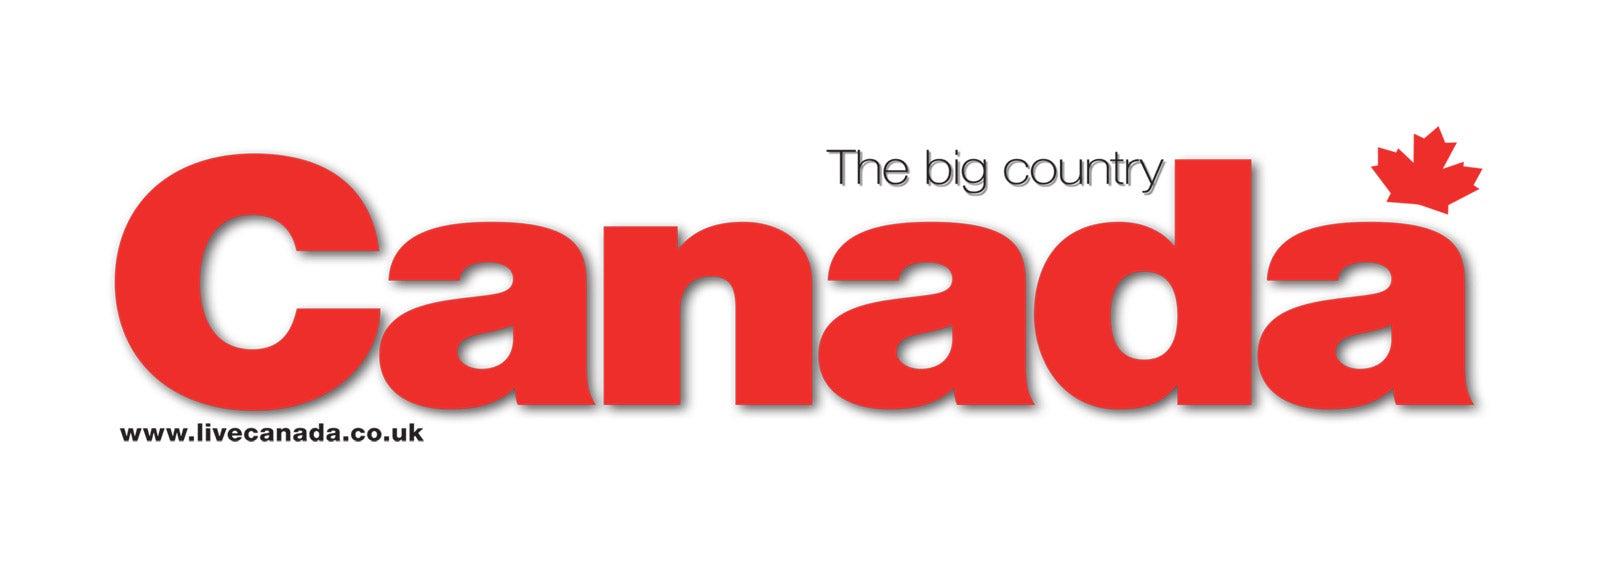 logo_canada_1600x567.jpg